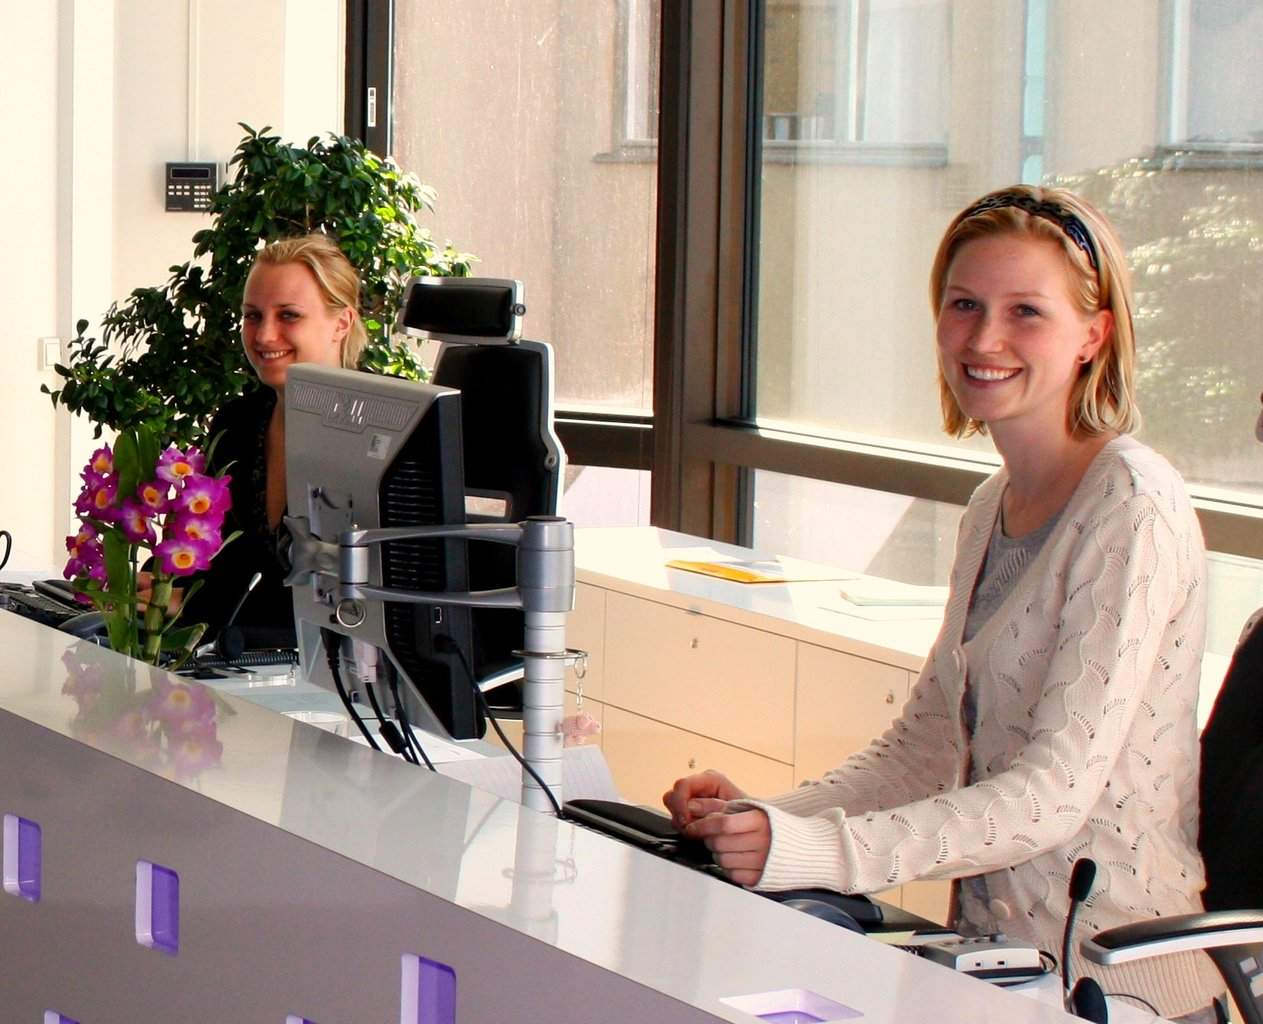 Offerte di lavoro per receptionist in tutta italia bianco lavoro magazine - Offerte di lavoro piastrellista milano ...